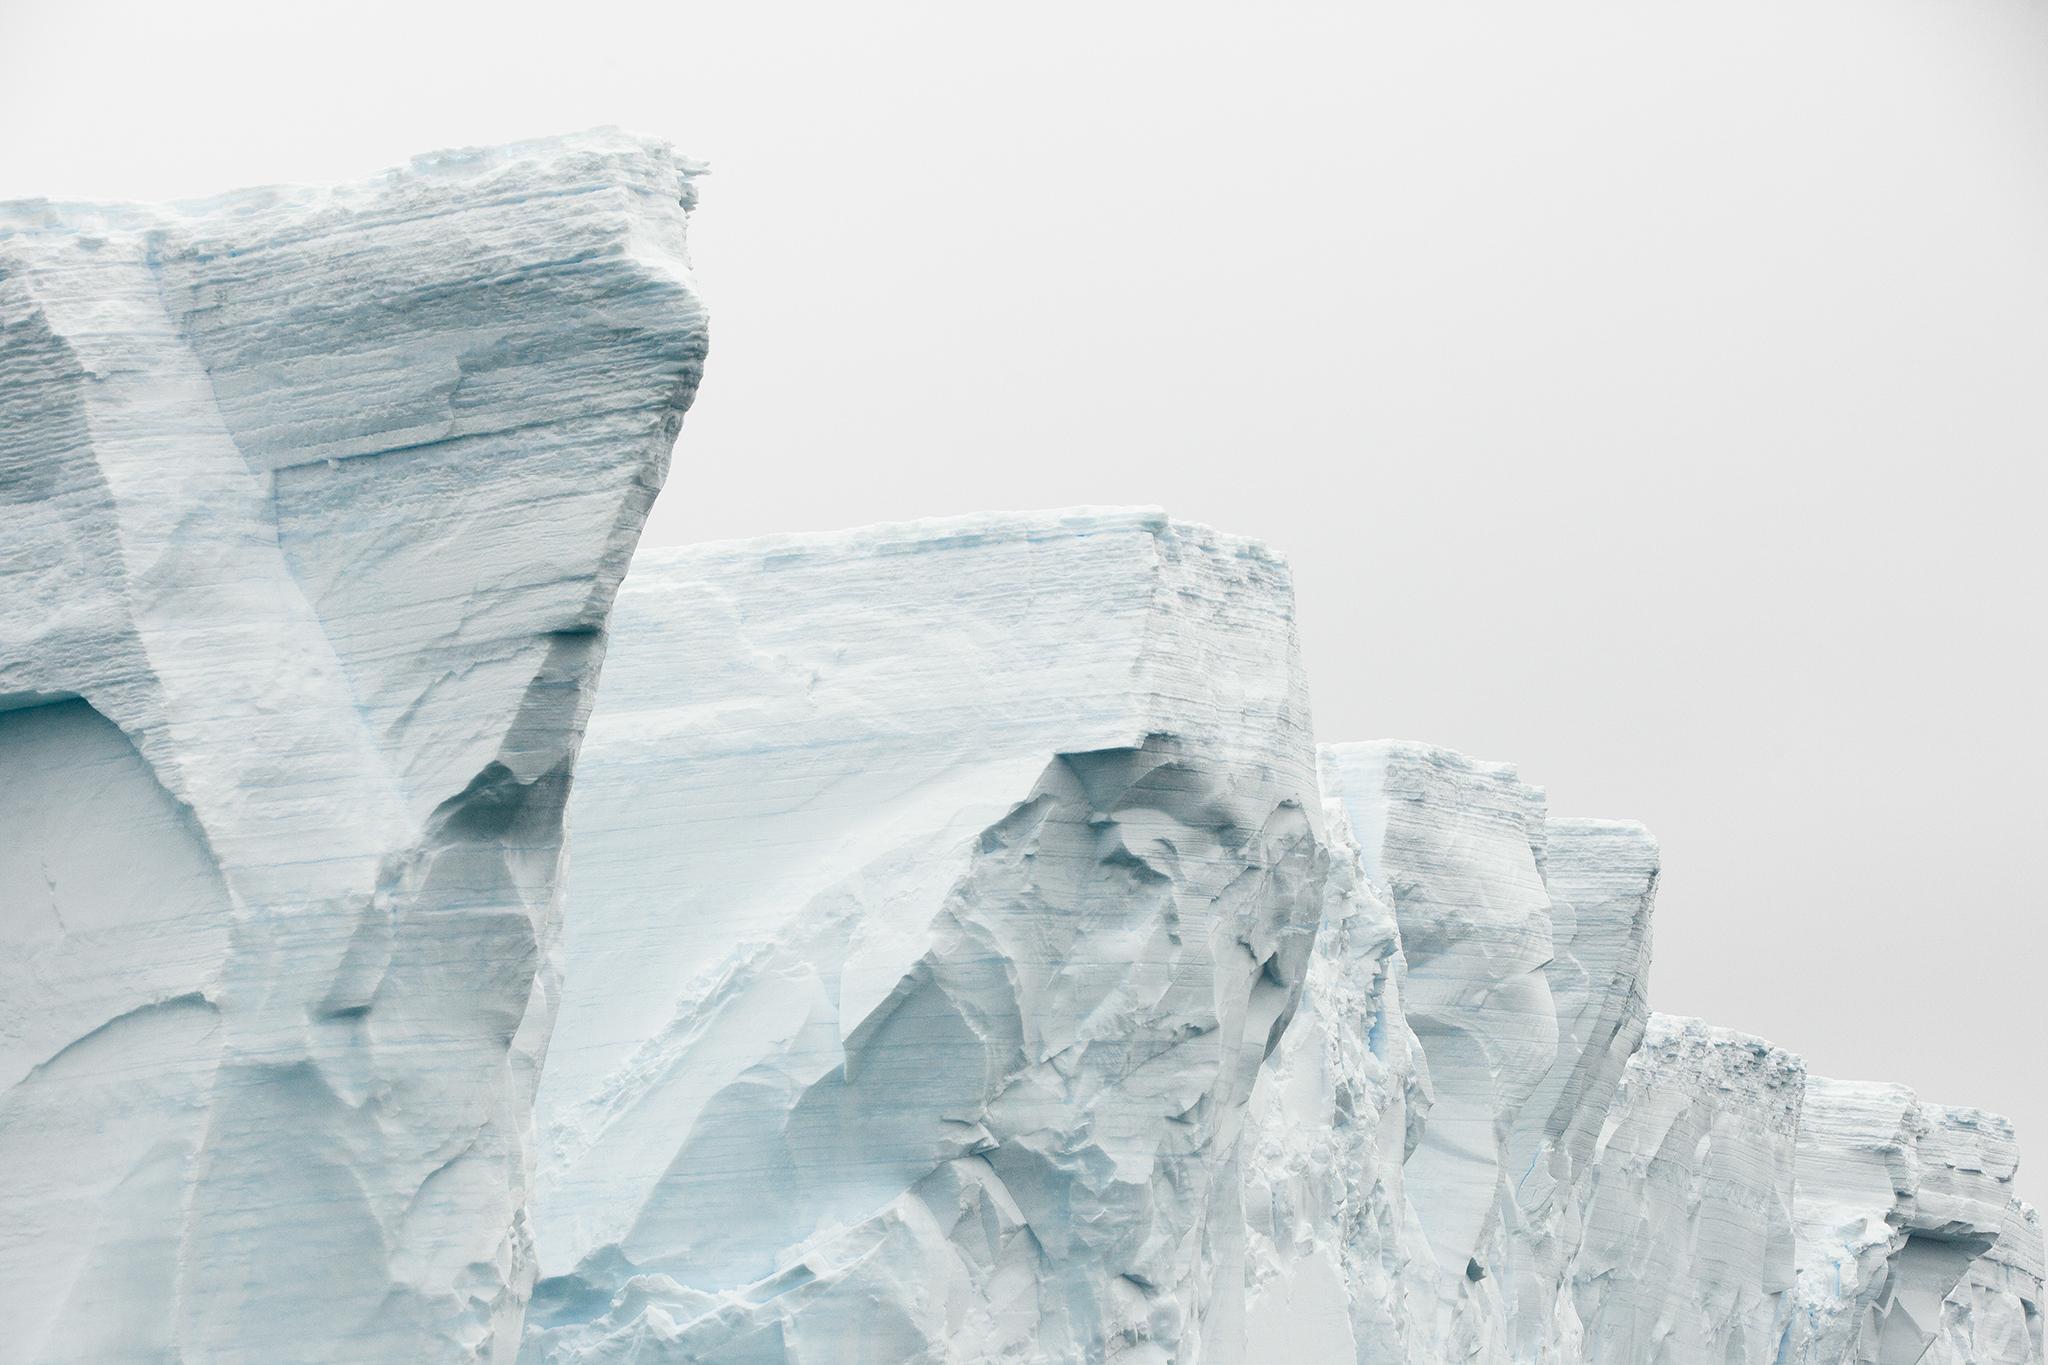 016-TW-Icebergs-140104.jpg